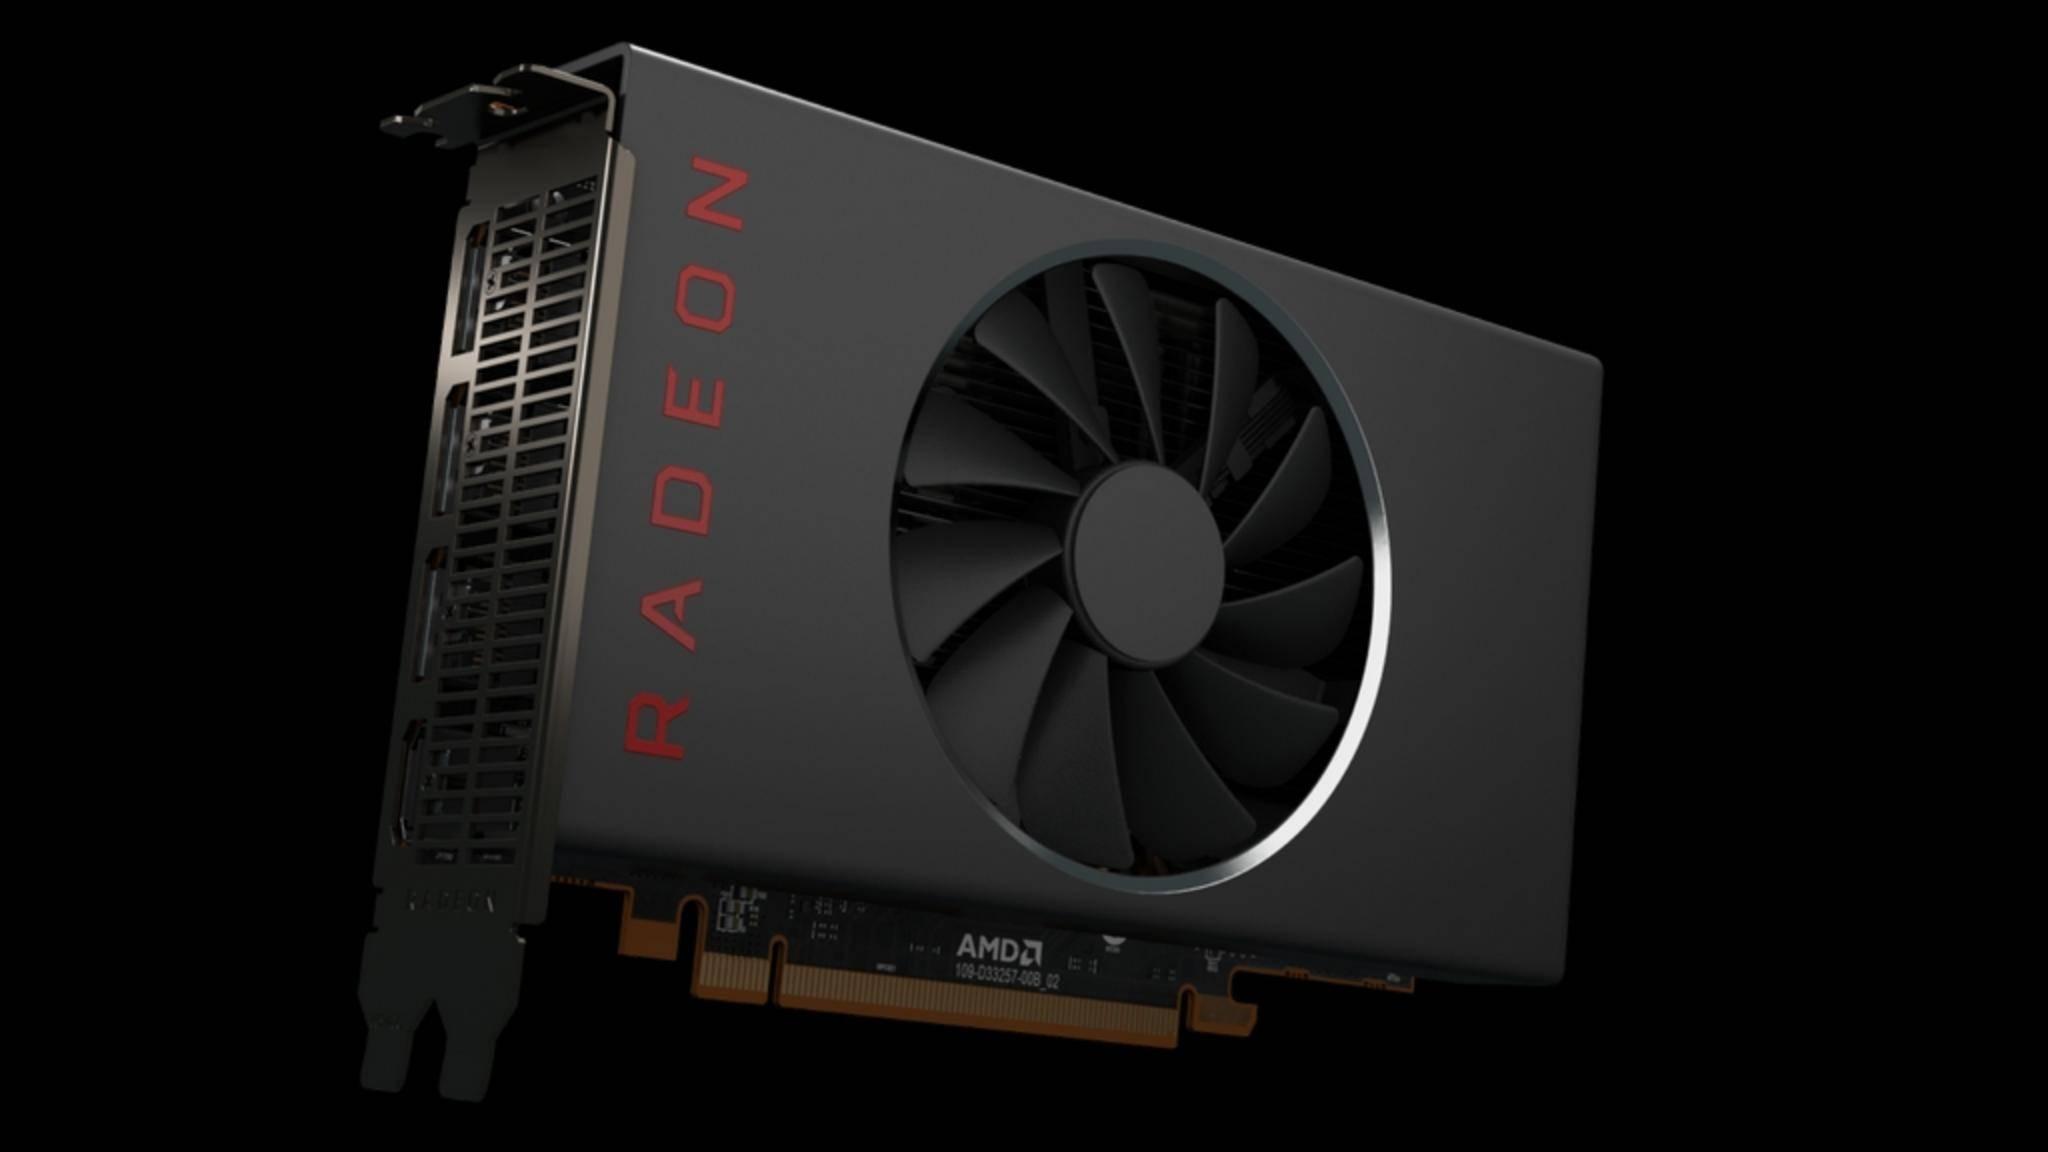 Die Radeon RX 5500 von AMD soll es mit der GTX 1650 aufnehmen.